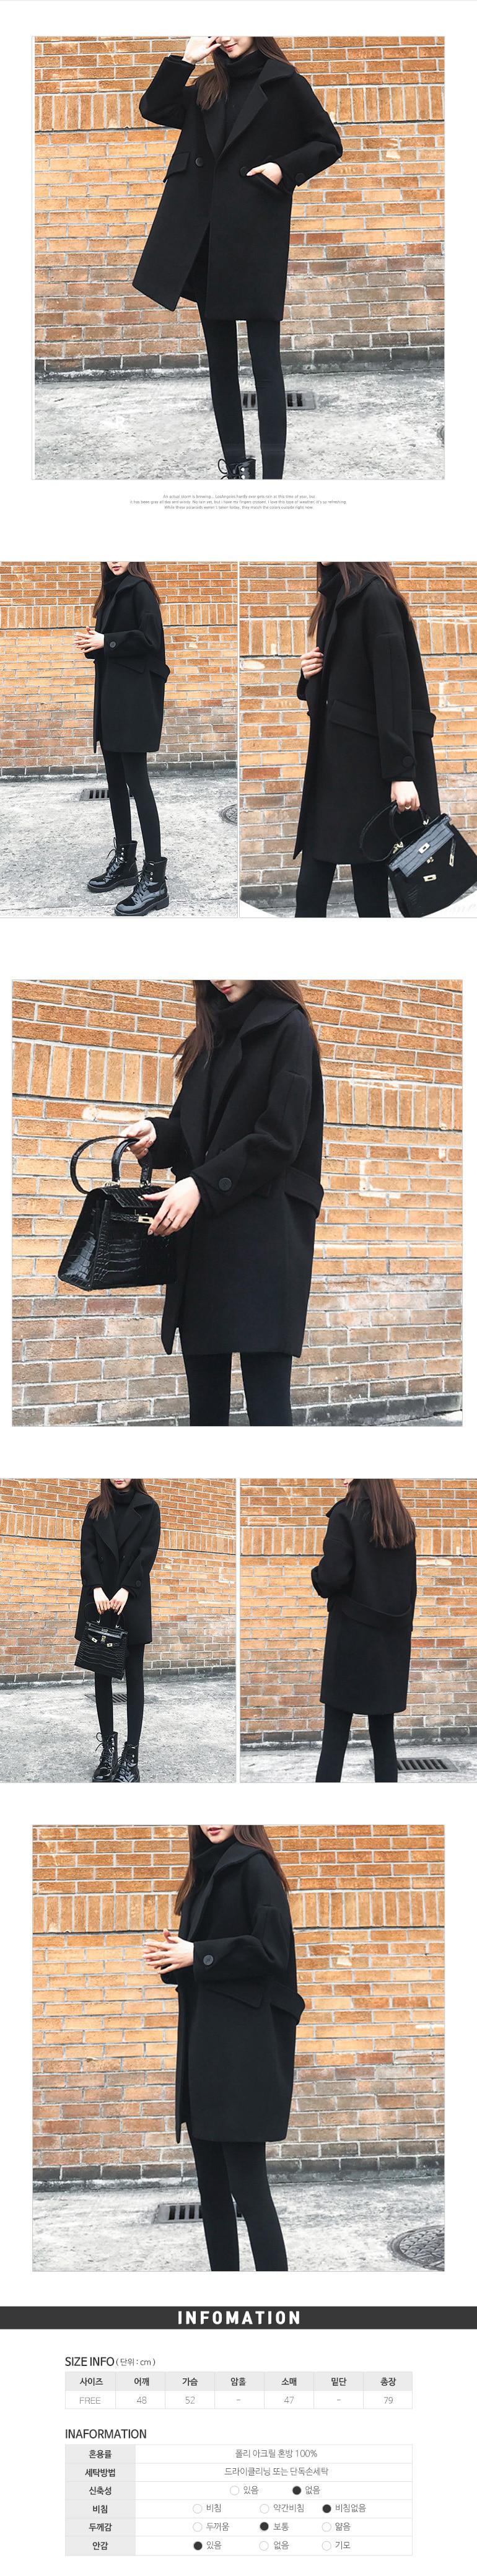 Miko taylor coat